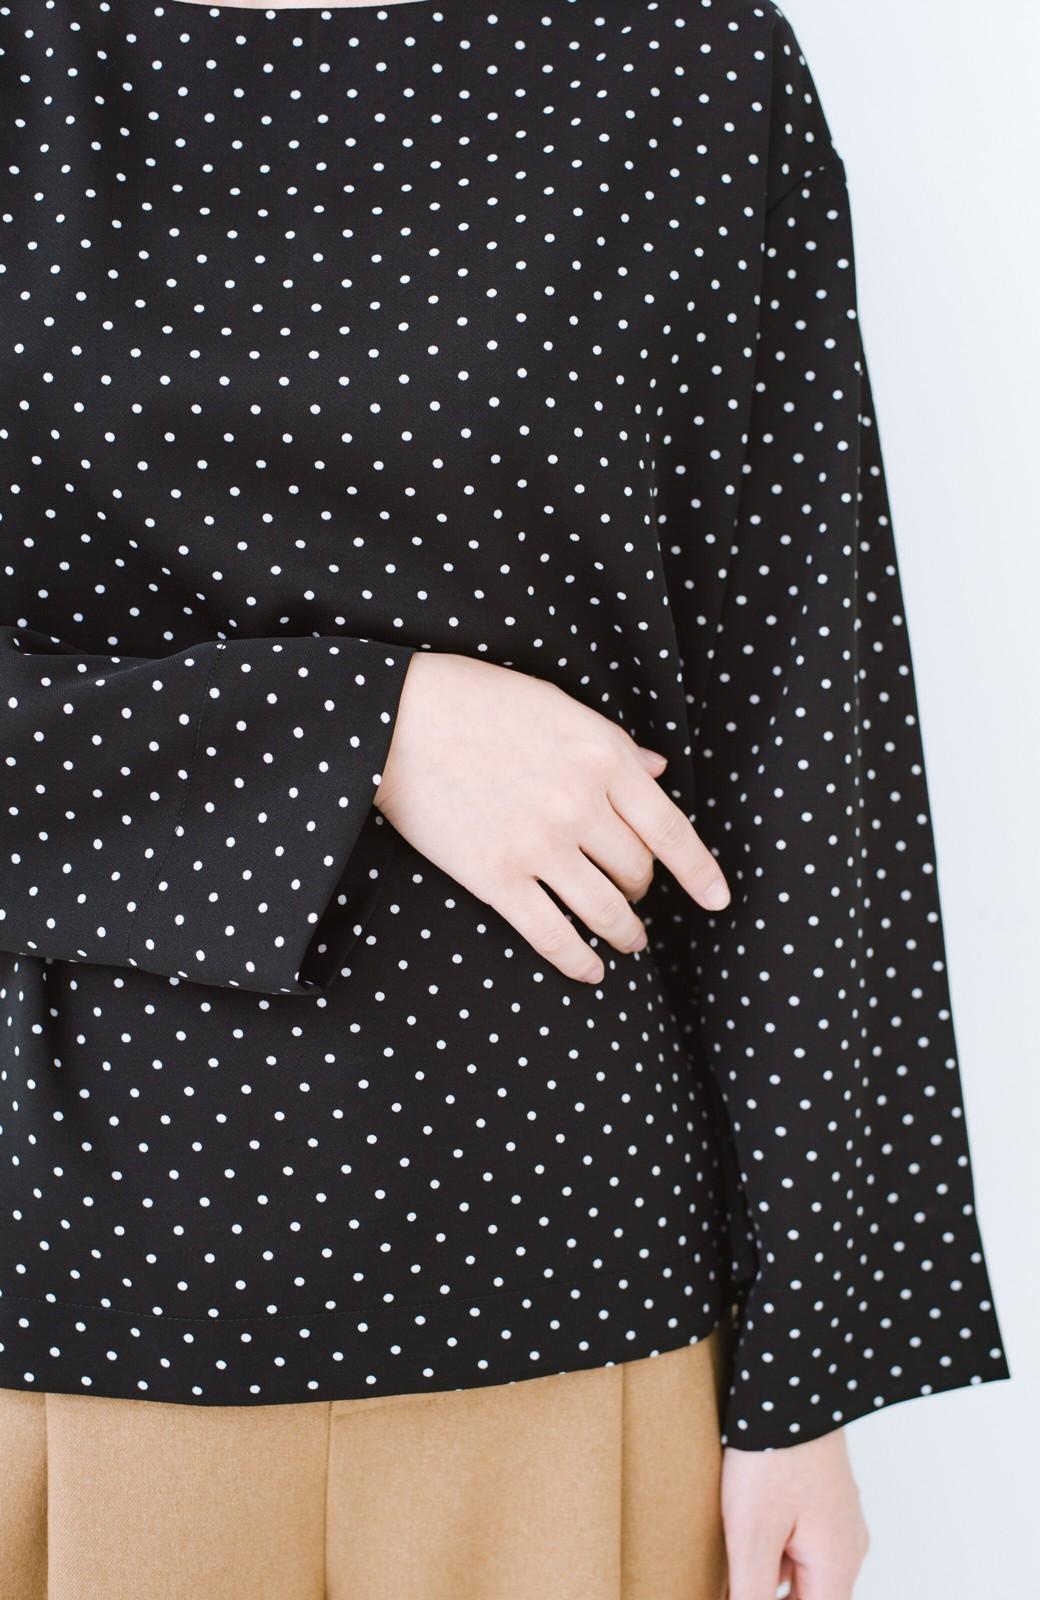 haco! パッと着て上品&きれい やっぱり便利なドットTブラウス <ブラック系その他>の商品写真4